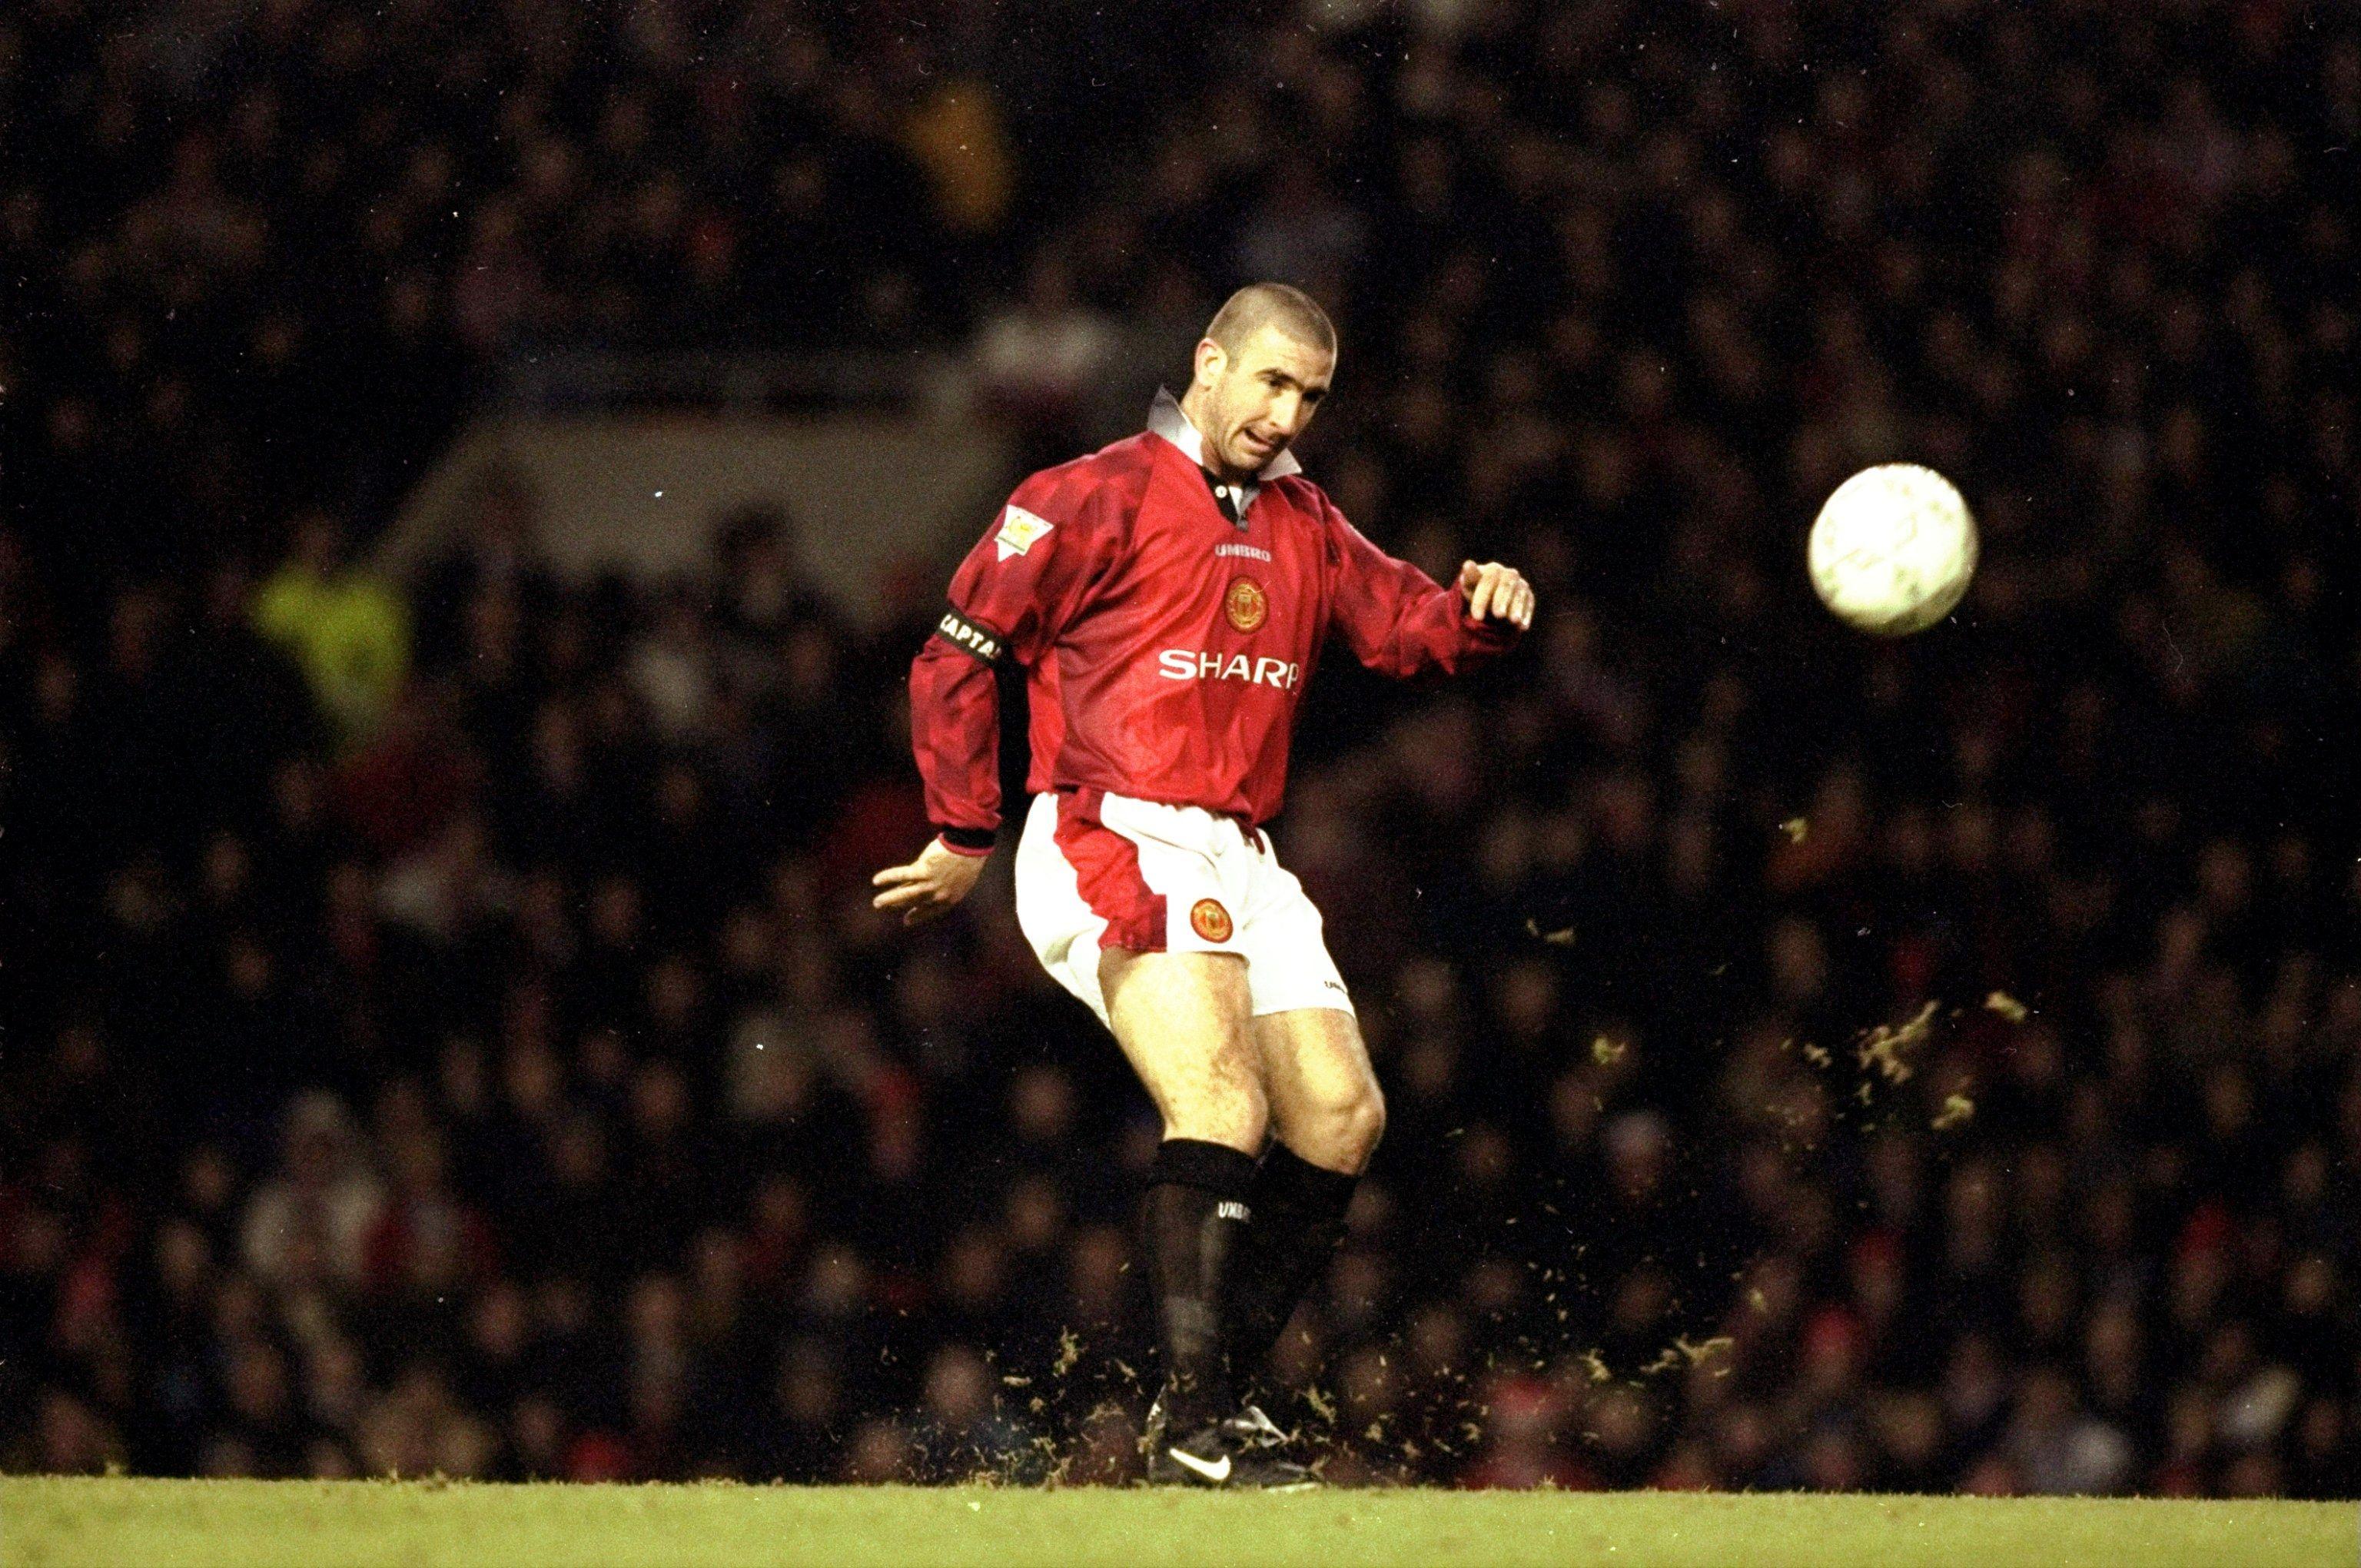 Därefter stoppades cantonas karriär 1984 för att göra det möjligt för honom att genomgå en. Cantona | Eric cantona, Manchester united legends ...